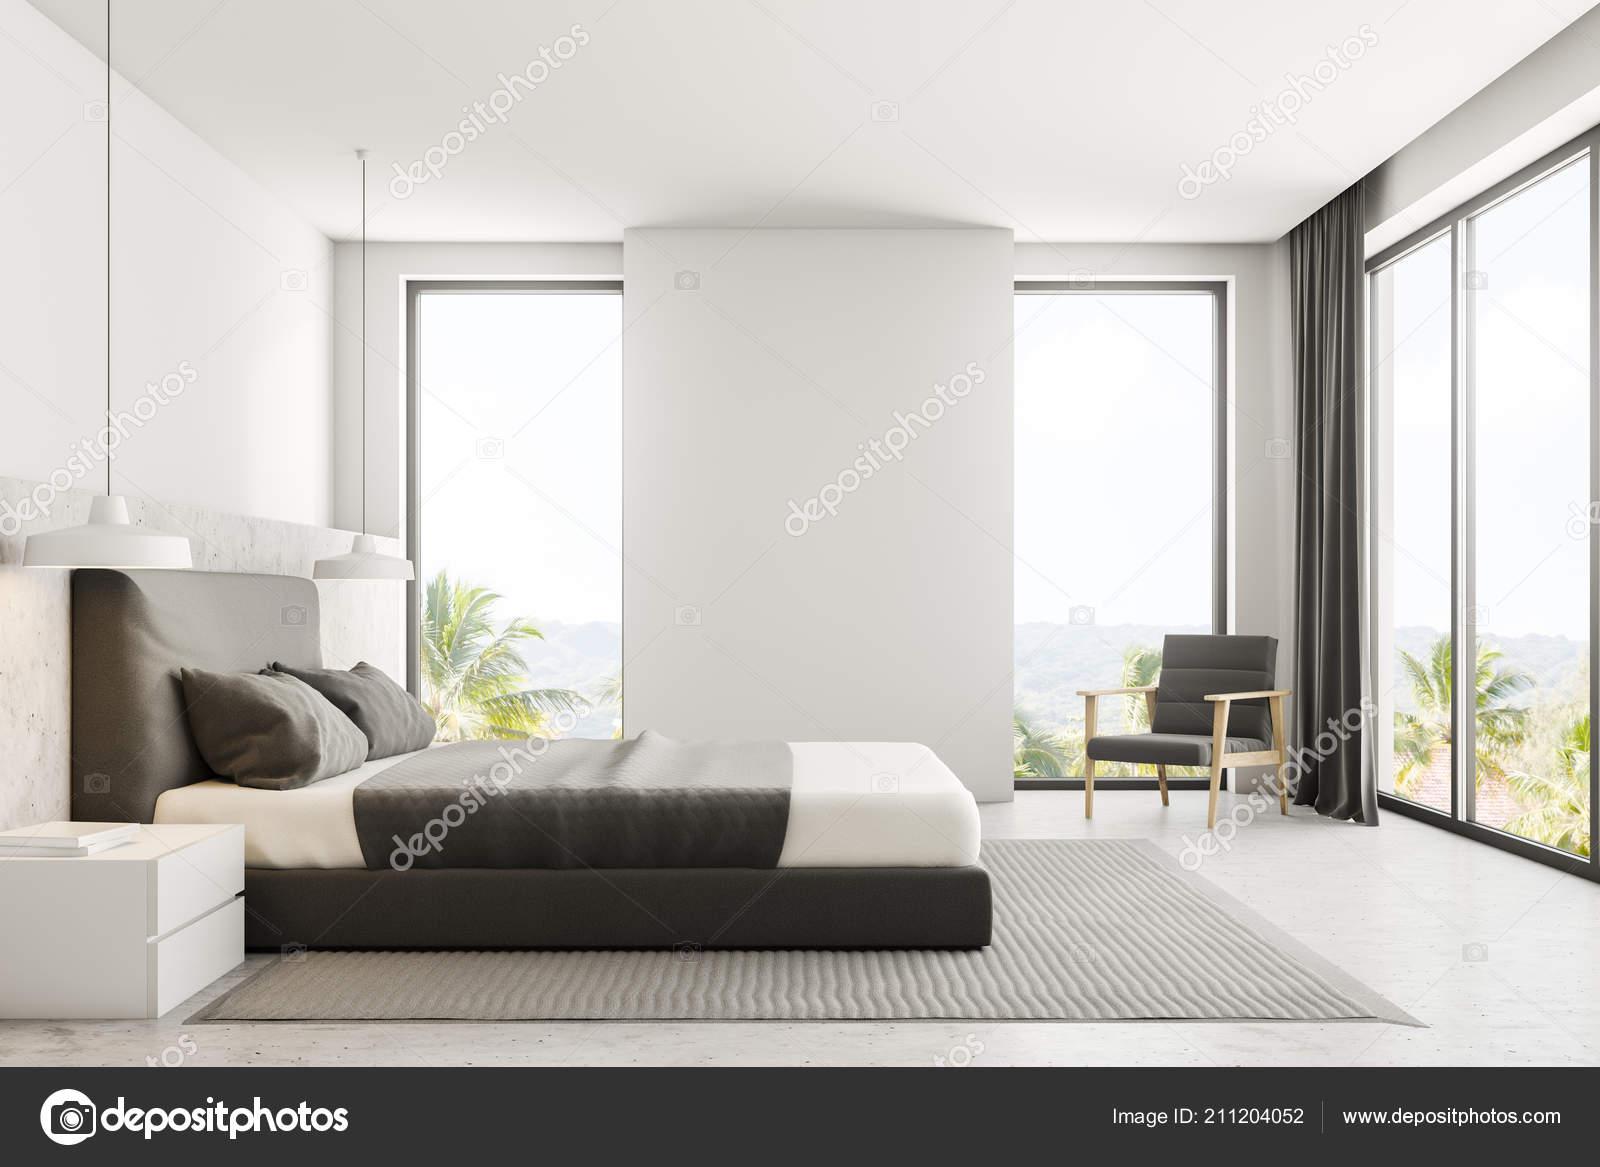 Luxe Slaapkamer Interieur : Luxe slaapkamer interieur met witte muren een betonnen vloer met